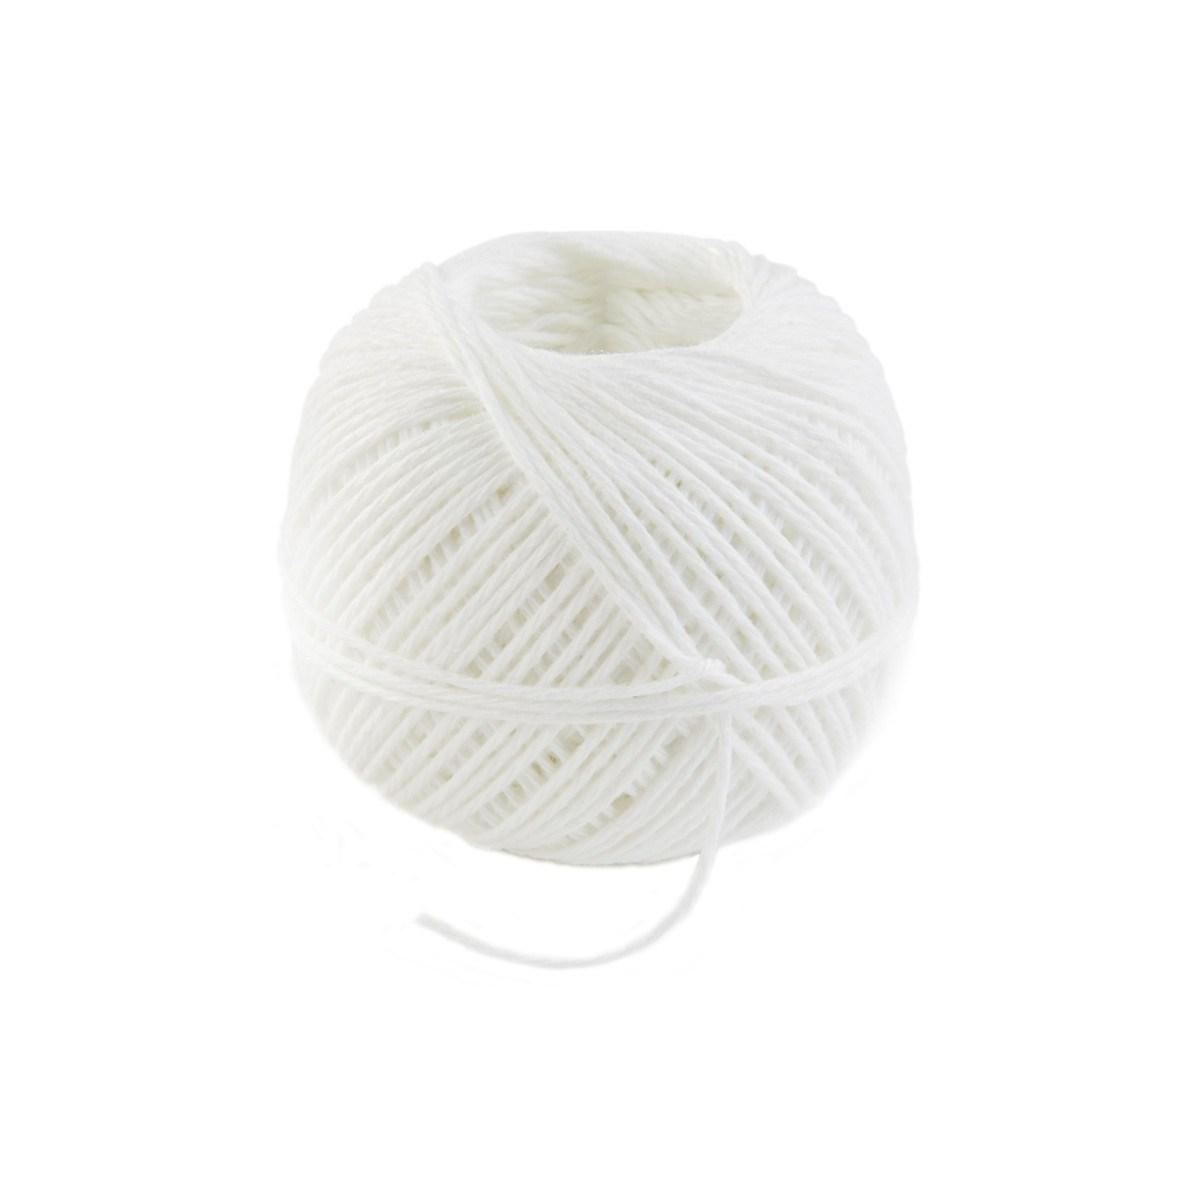 Ficelle alimentaire en coton blanc